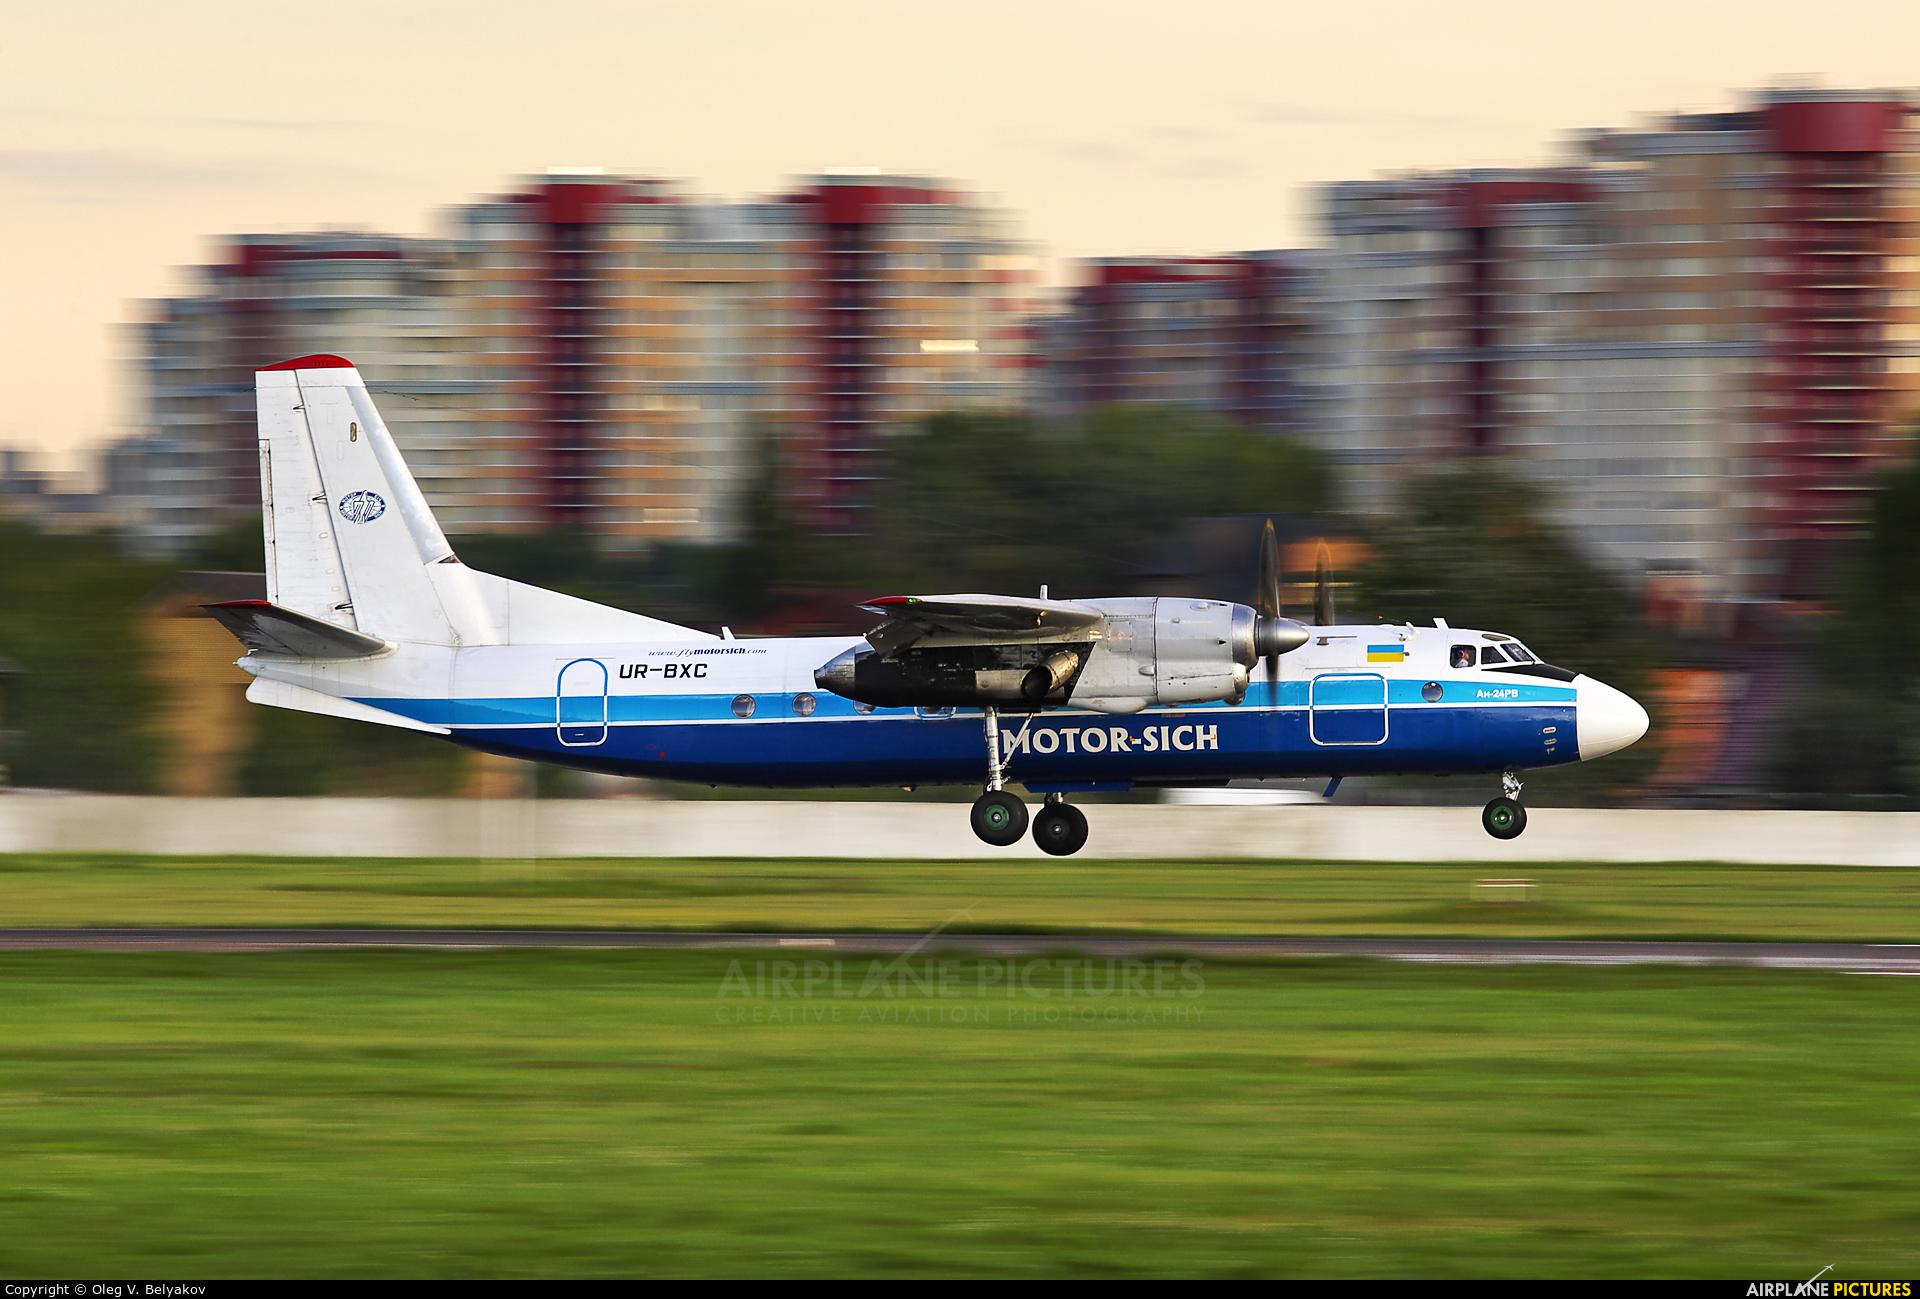 Motor Sich UR-BXC aircraft at Kiev - Zhulyany